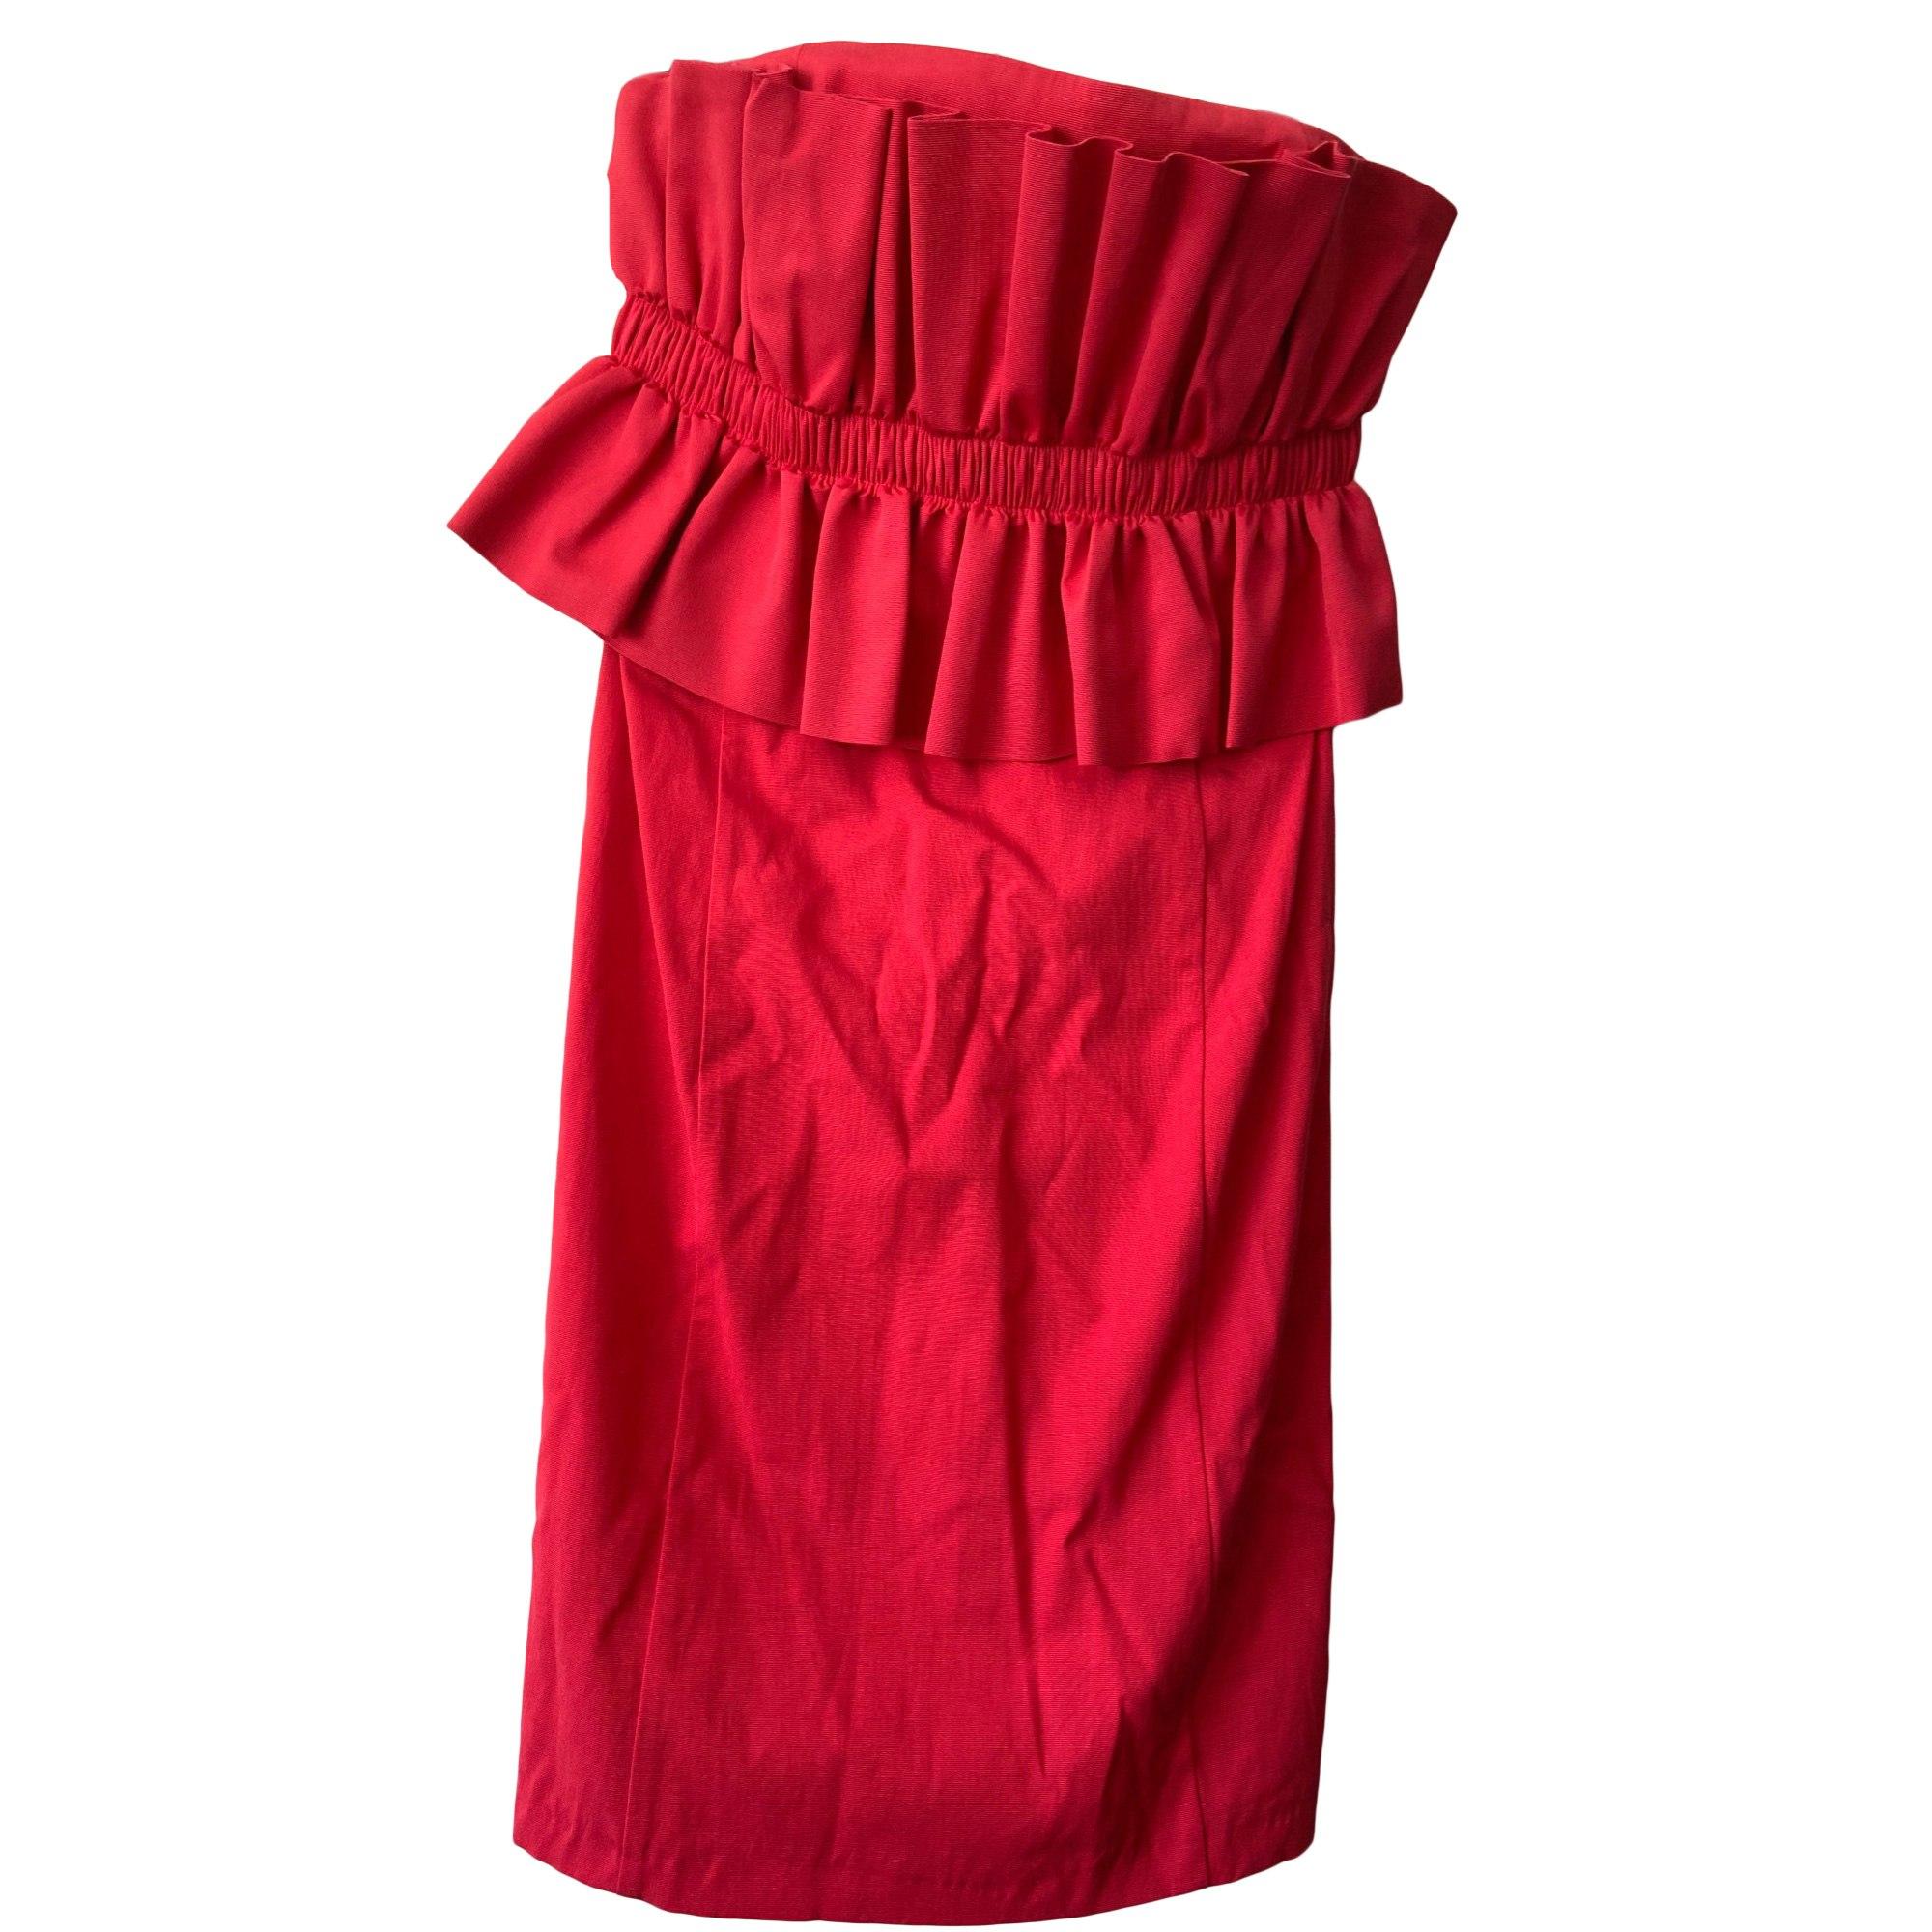 Robe bustier CLAUDIE PIERLOT Rouge, bordeaux